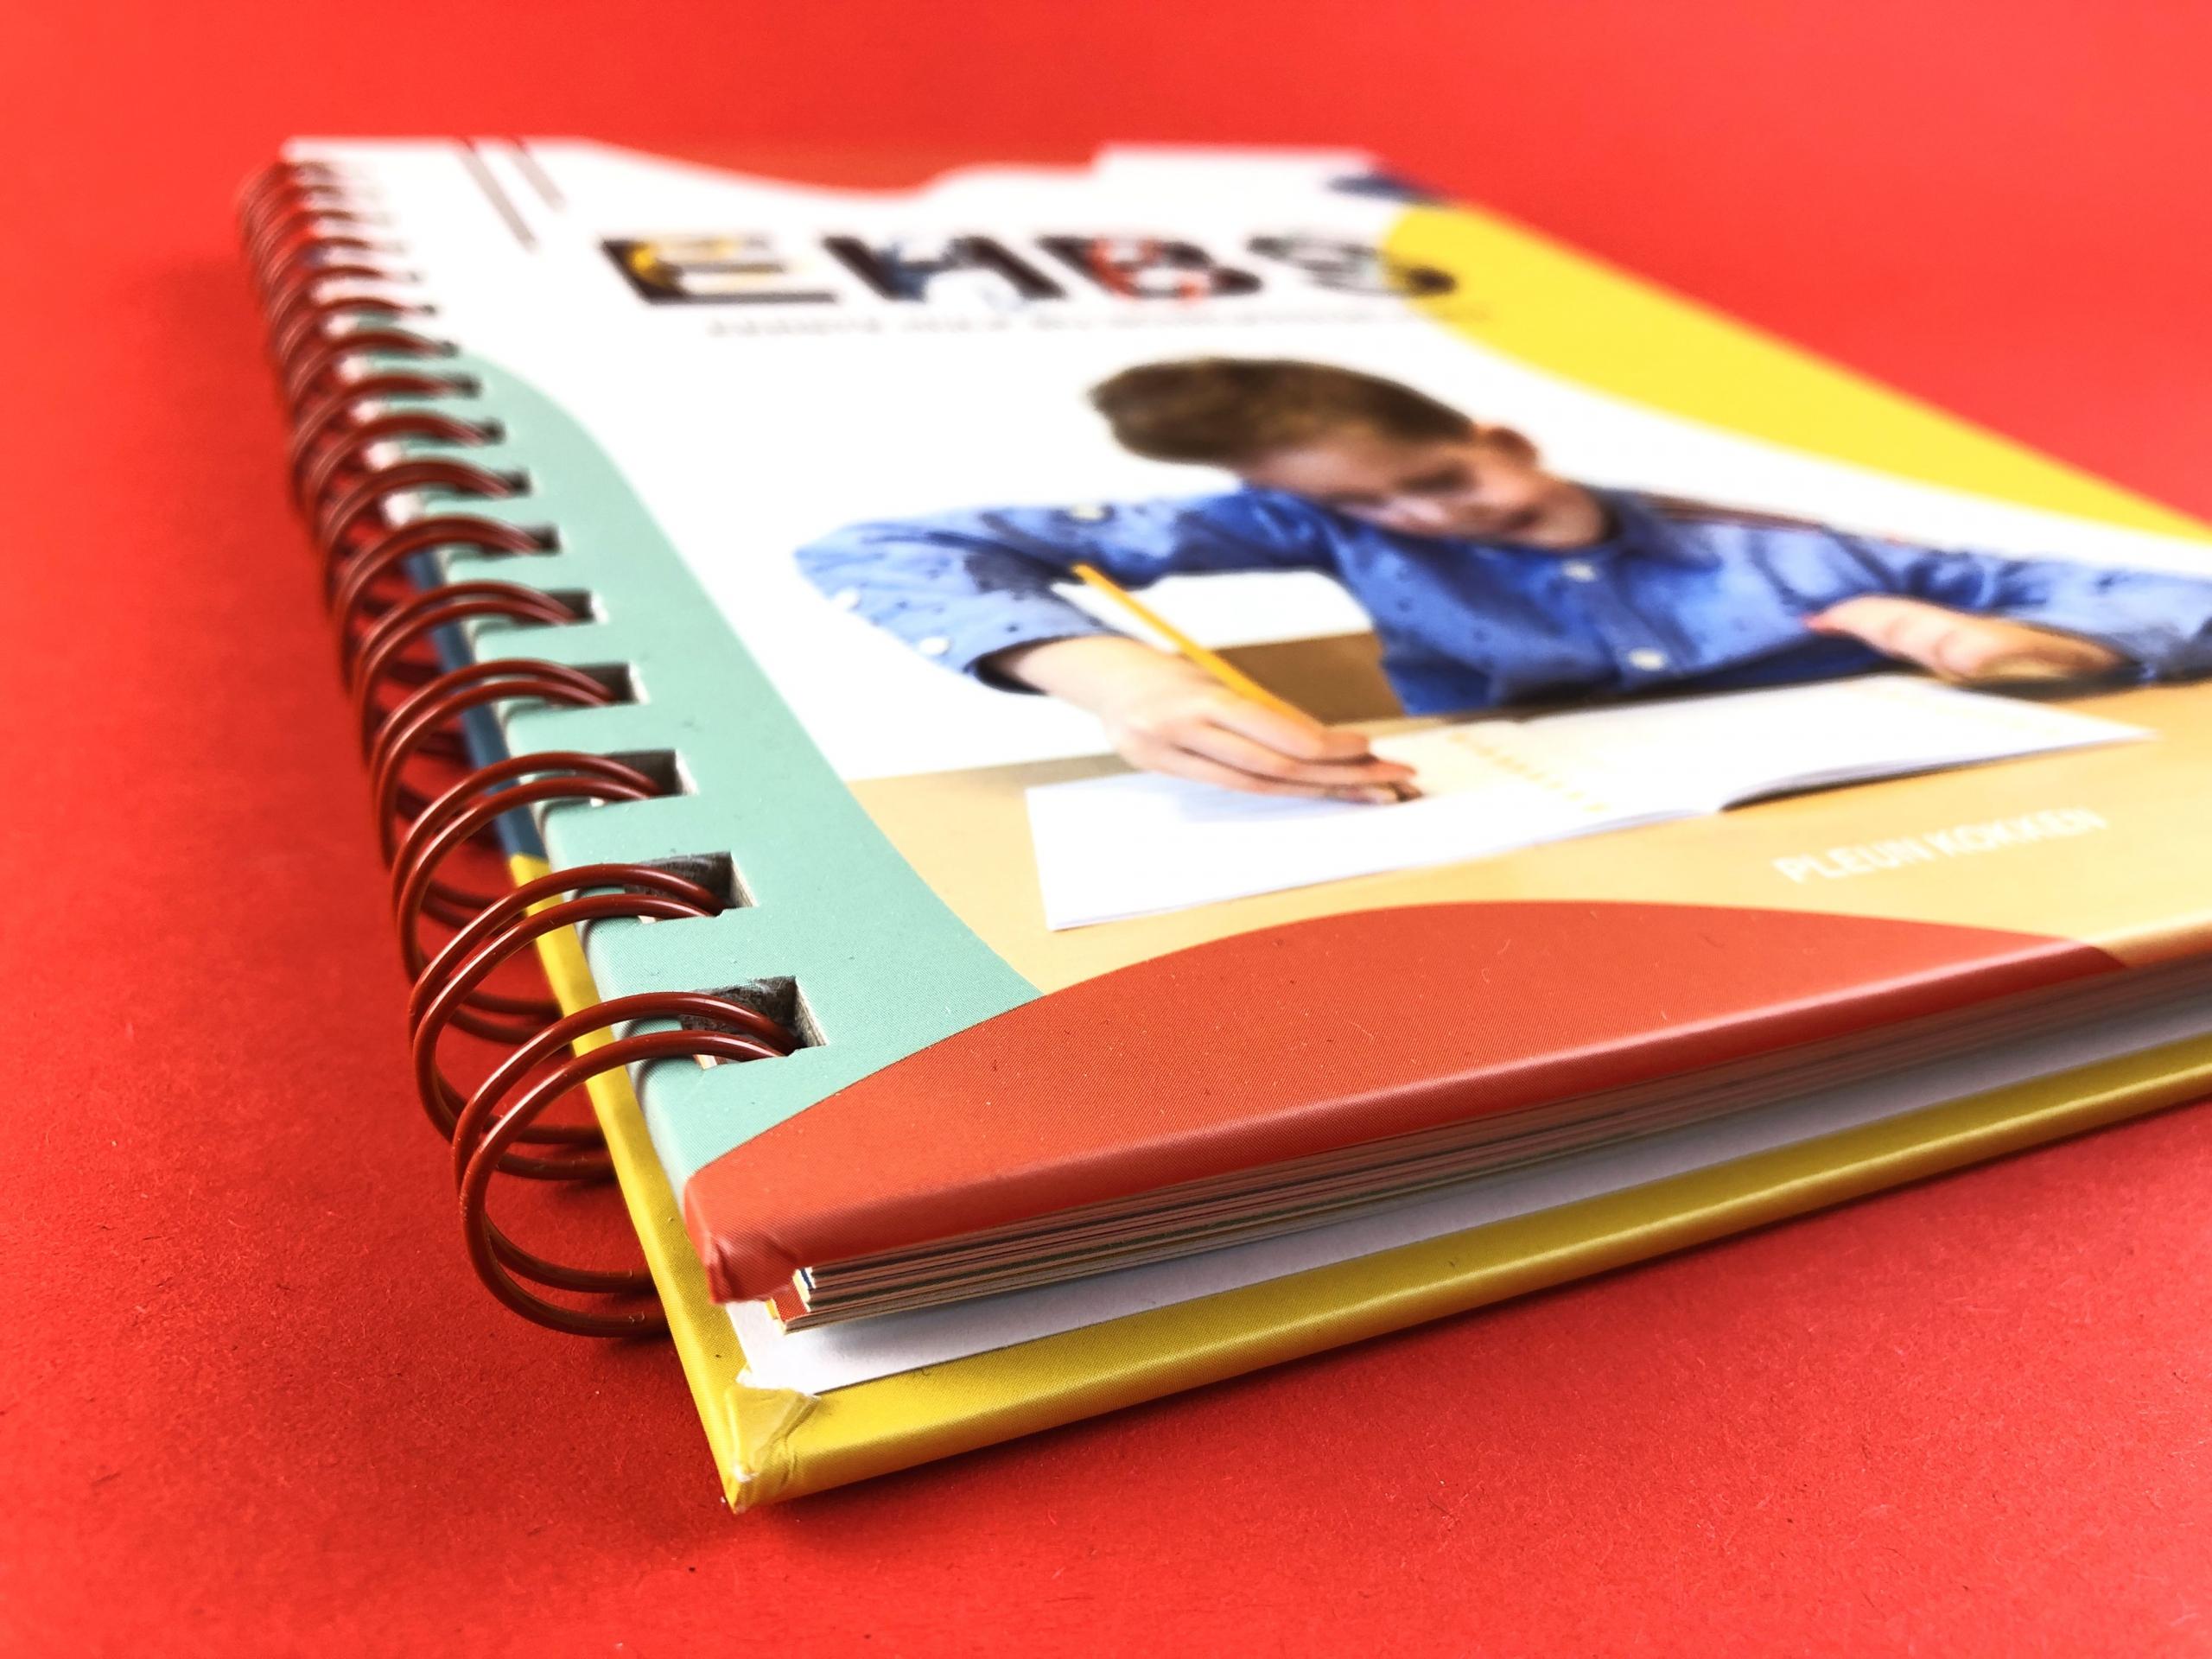 mijndrukker.nl - Hardcover Wire-O, 'Eerste Hulp Bij Schrijfproblemen' - Omslag Dik Karton